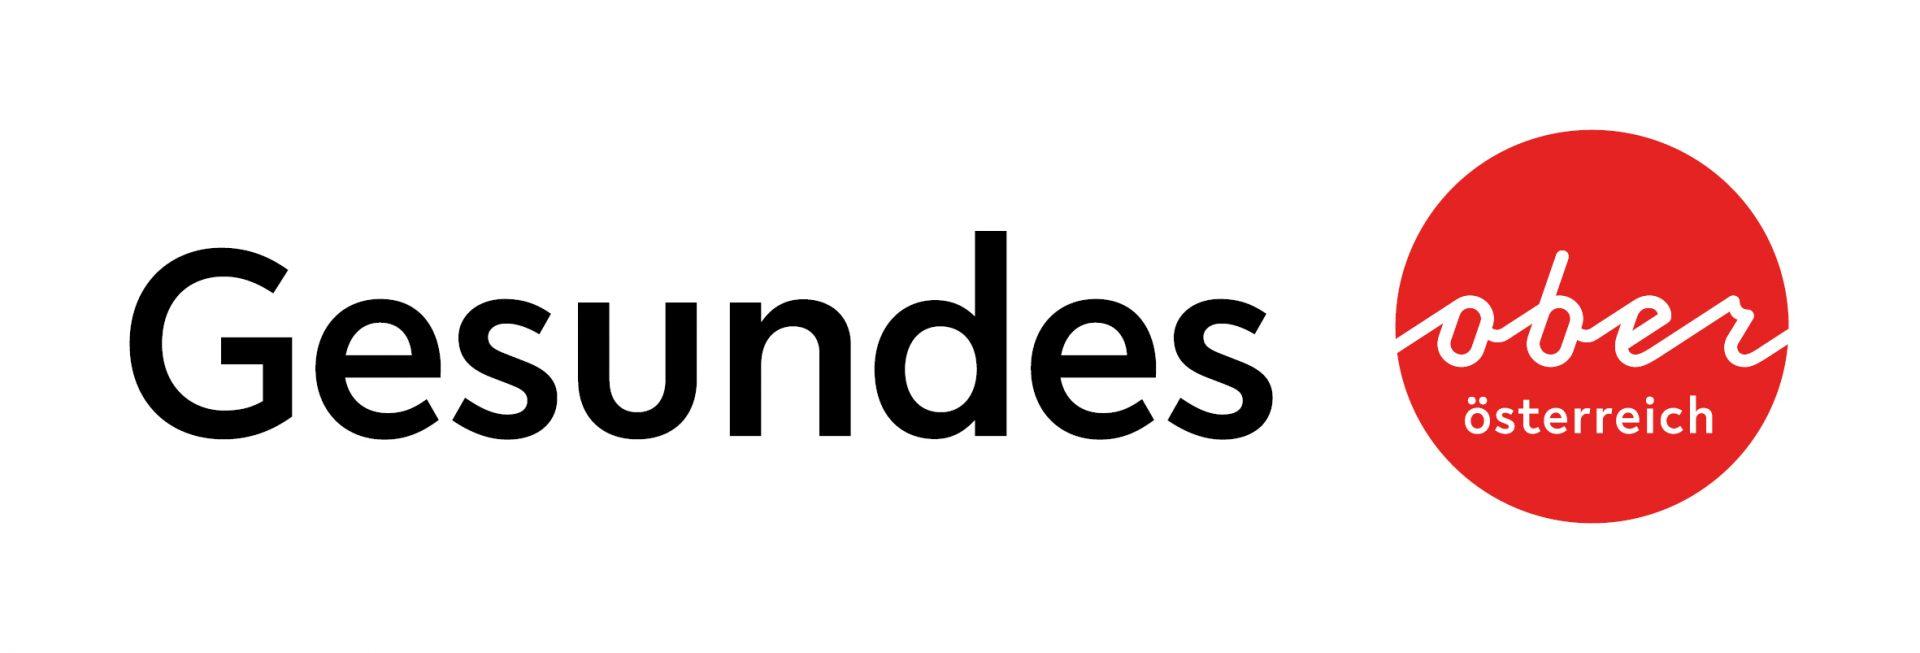 """Dieses Bild zeigt das Logo von """"Gesundes Oberösterreich""""."""